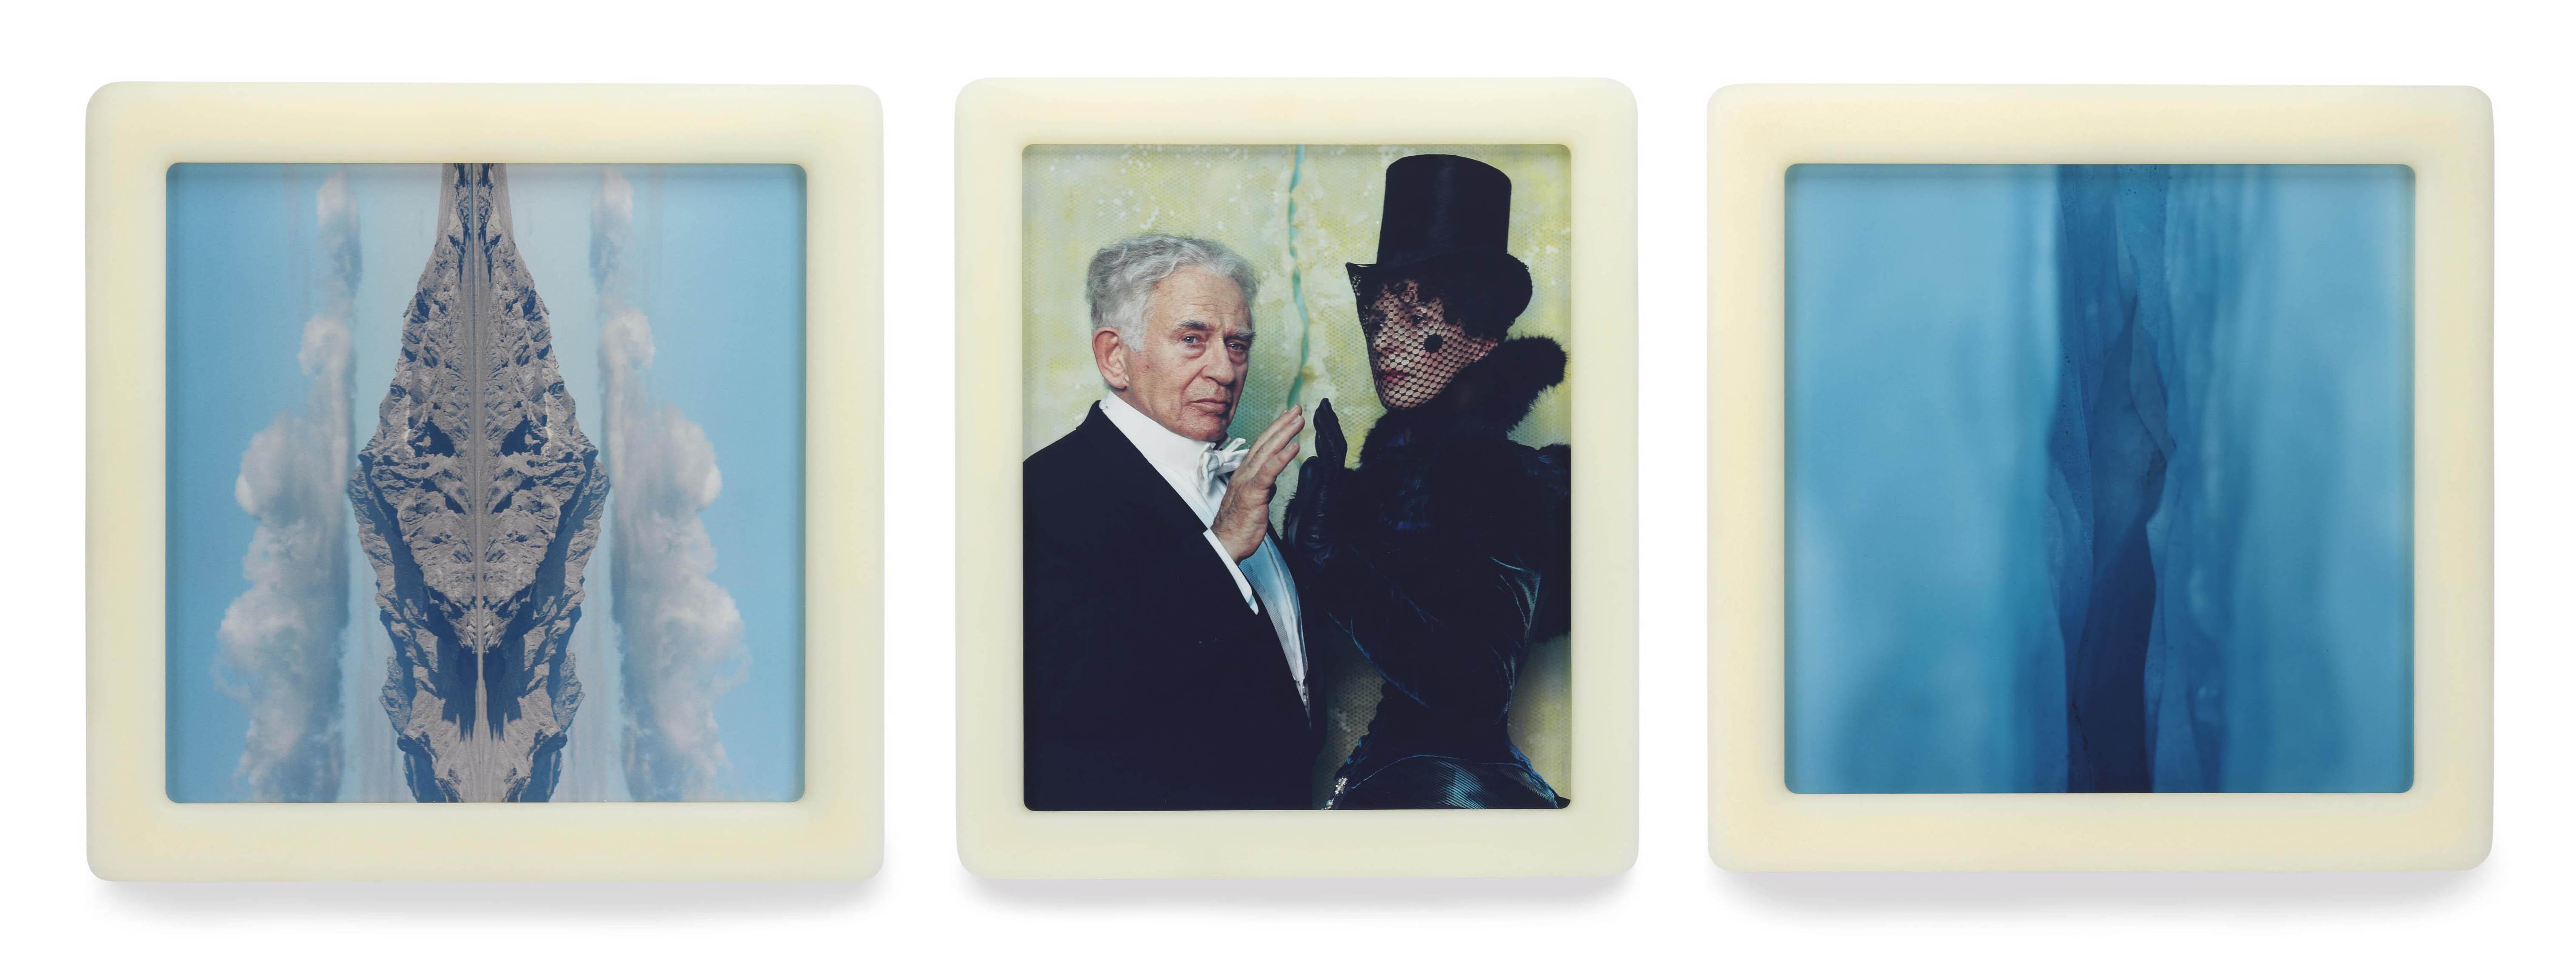 Cremaster 2: Genealogy